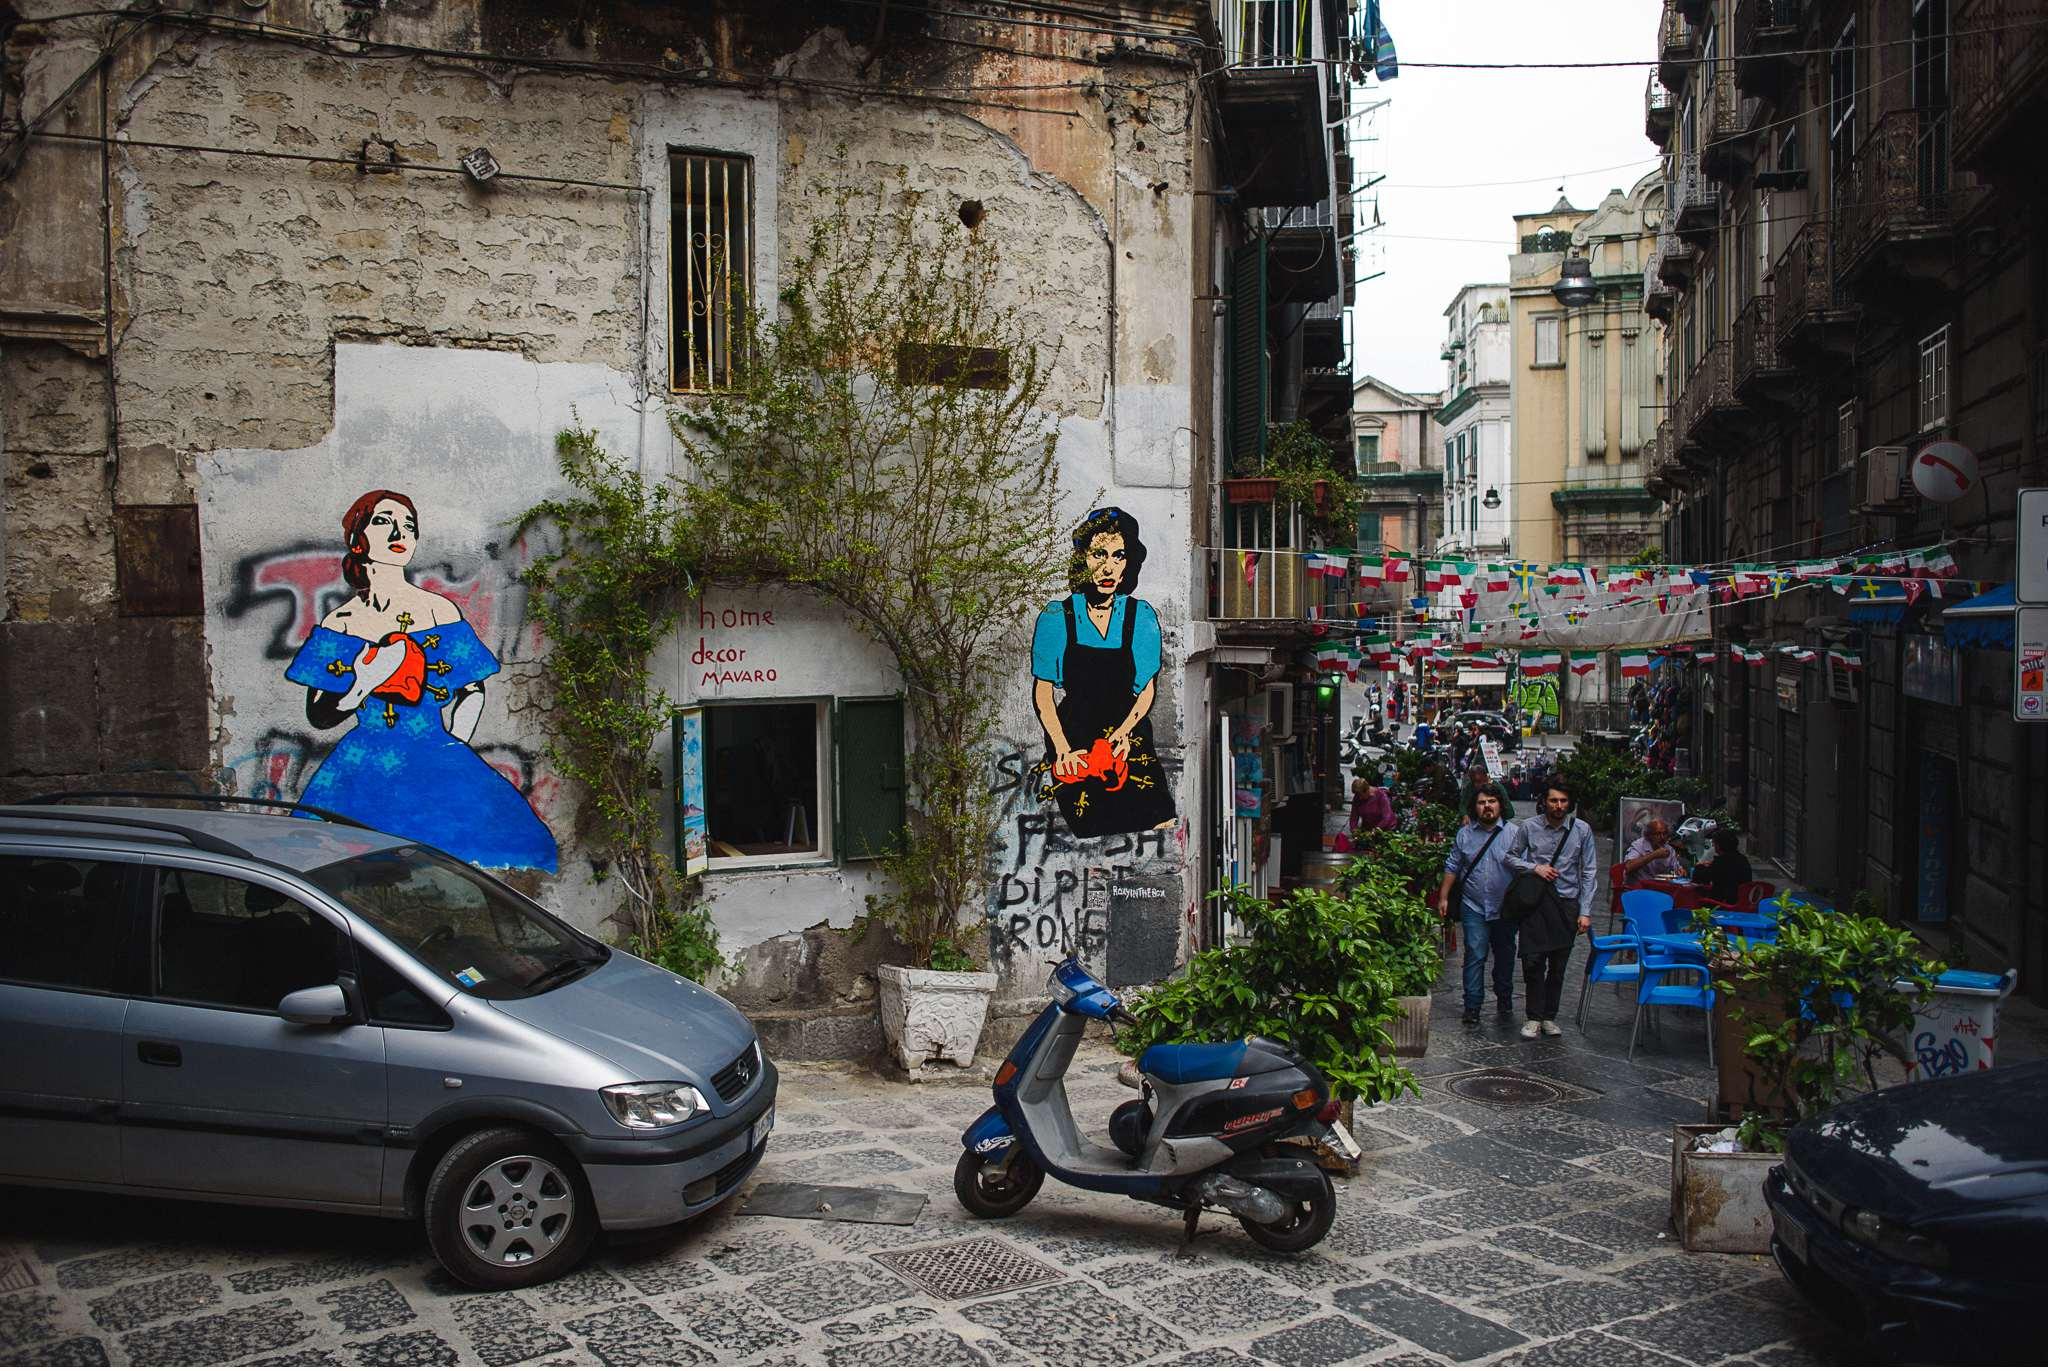 Interrail Reise - Italien Neapel - Geschichten von unterwegs - Foto Daniel Kempf-Seifried-106